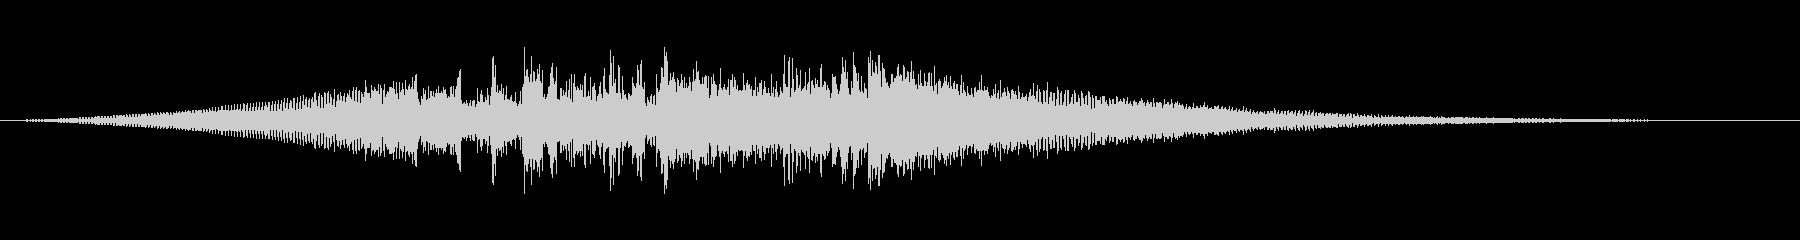 スモーキージャズロゴの未再生の波形